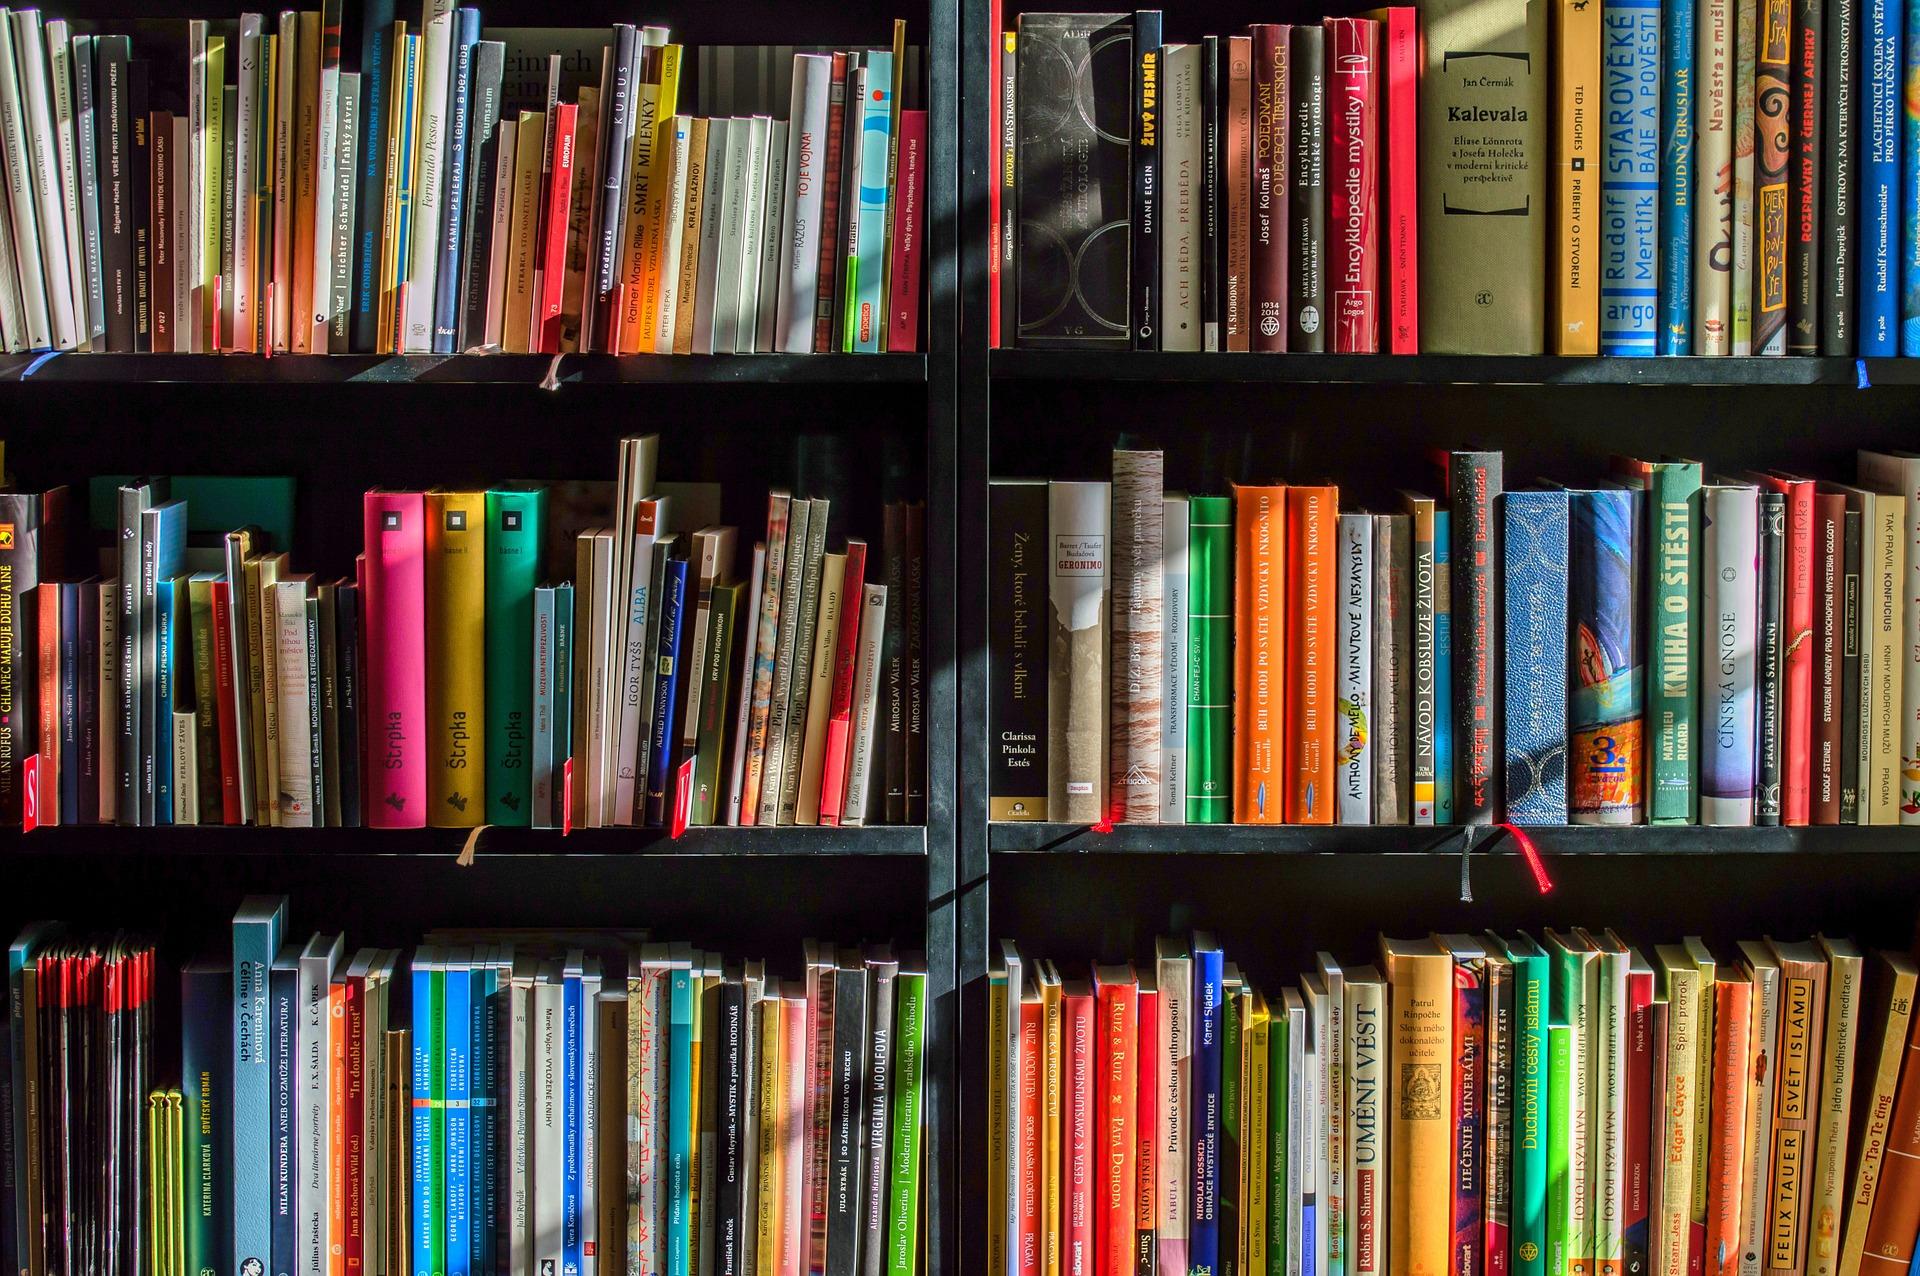 Einen Verlag finden. Das Bild zeigt viele Bücher in verschiedenen Farben in einem Regal.